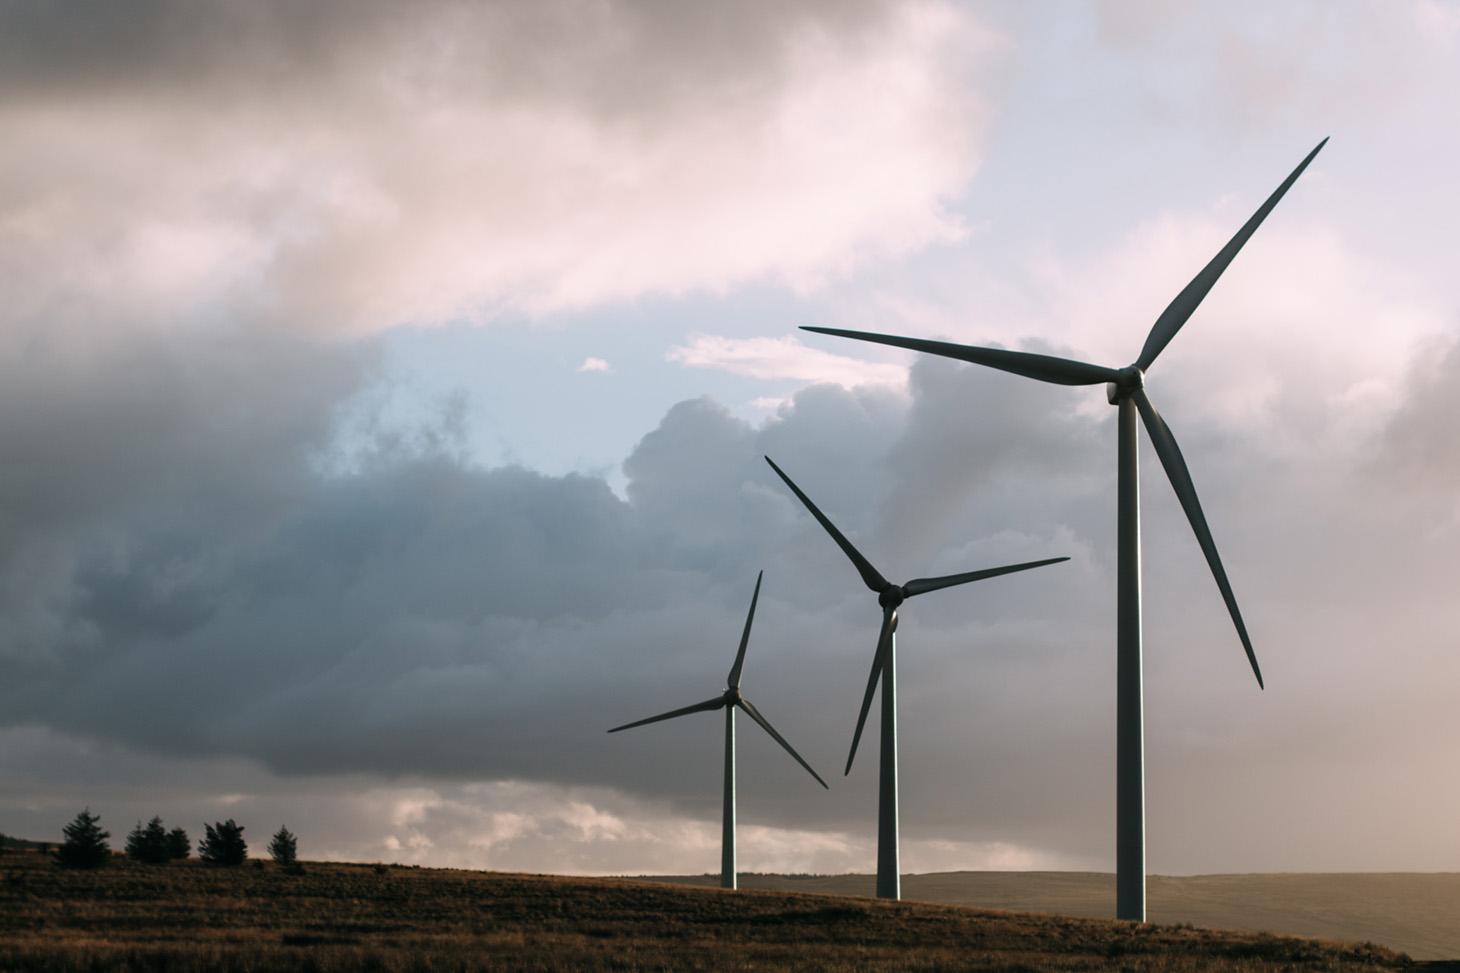 Master Économie de l'environnement, de l'énergie et des transports